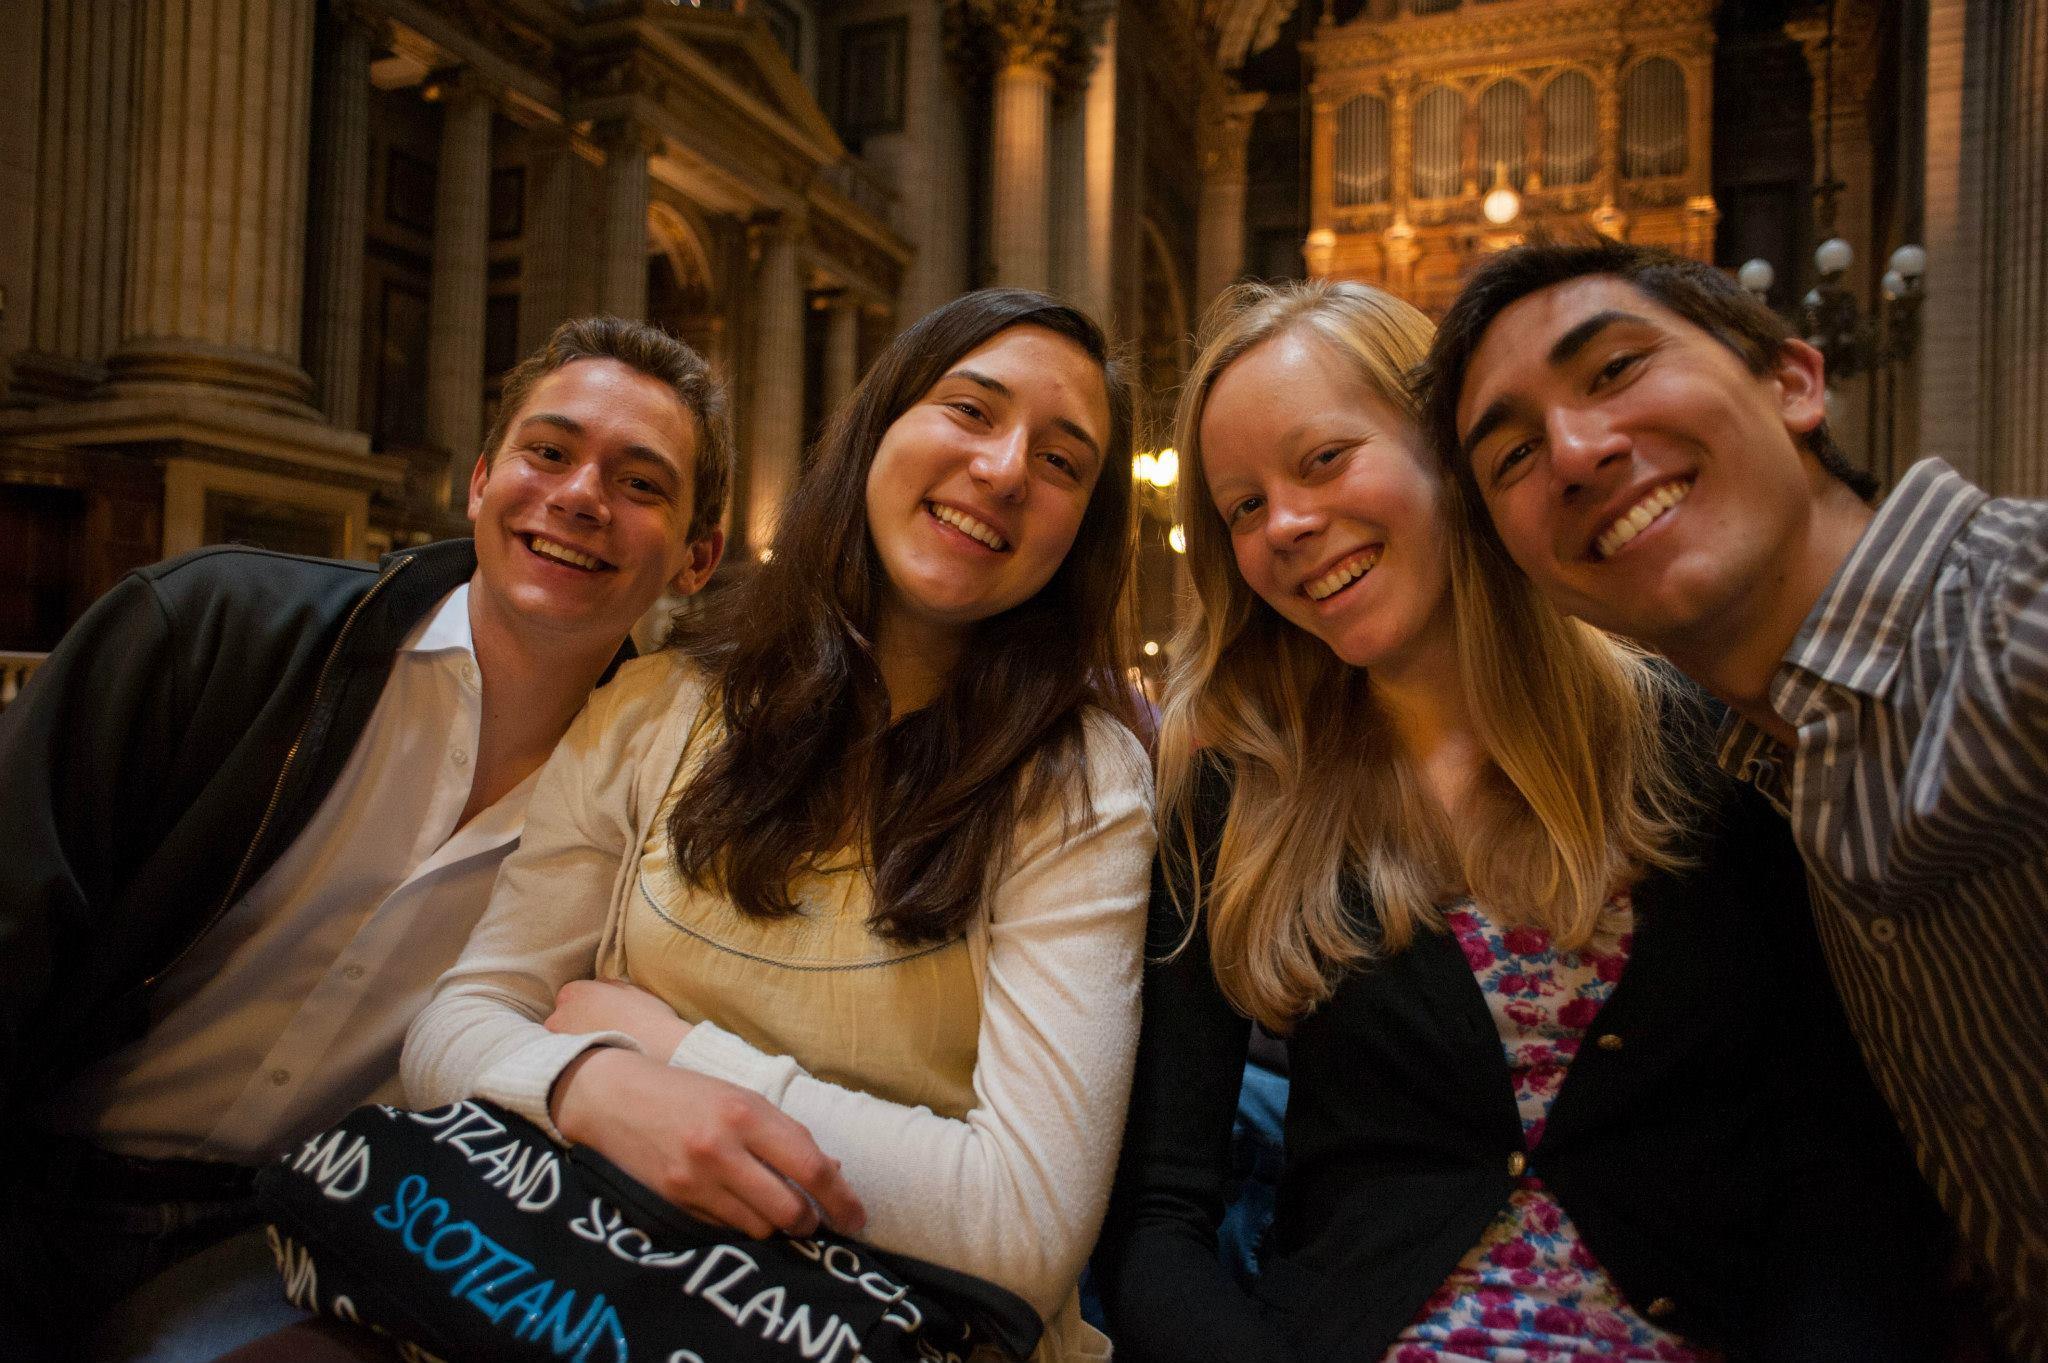 David von Behren, Karen Christianson, Laura Gullett, and Joey Fala at the Church of the Madeleine, in Paris, in 2014.